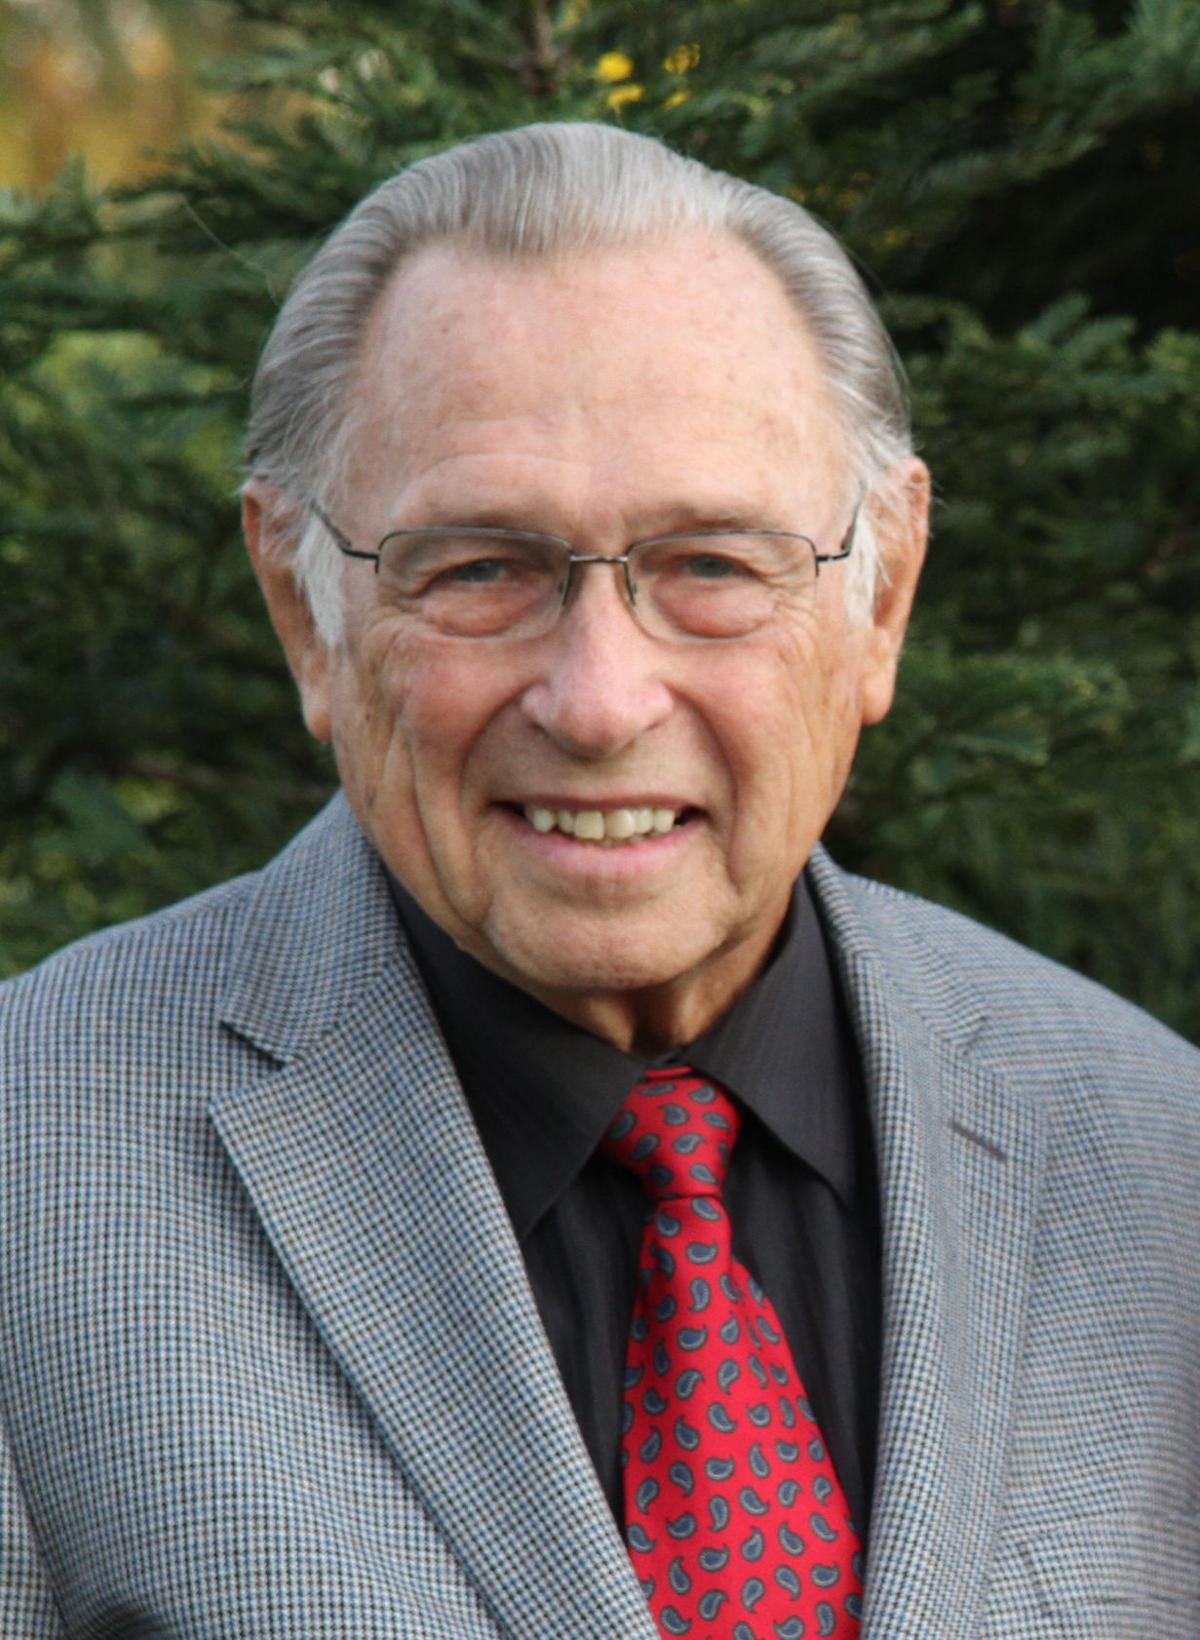 Pastor George Arlin Steffes